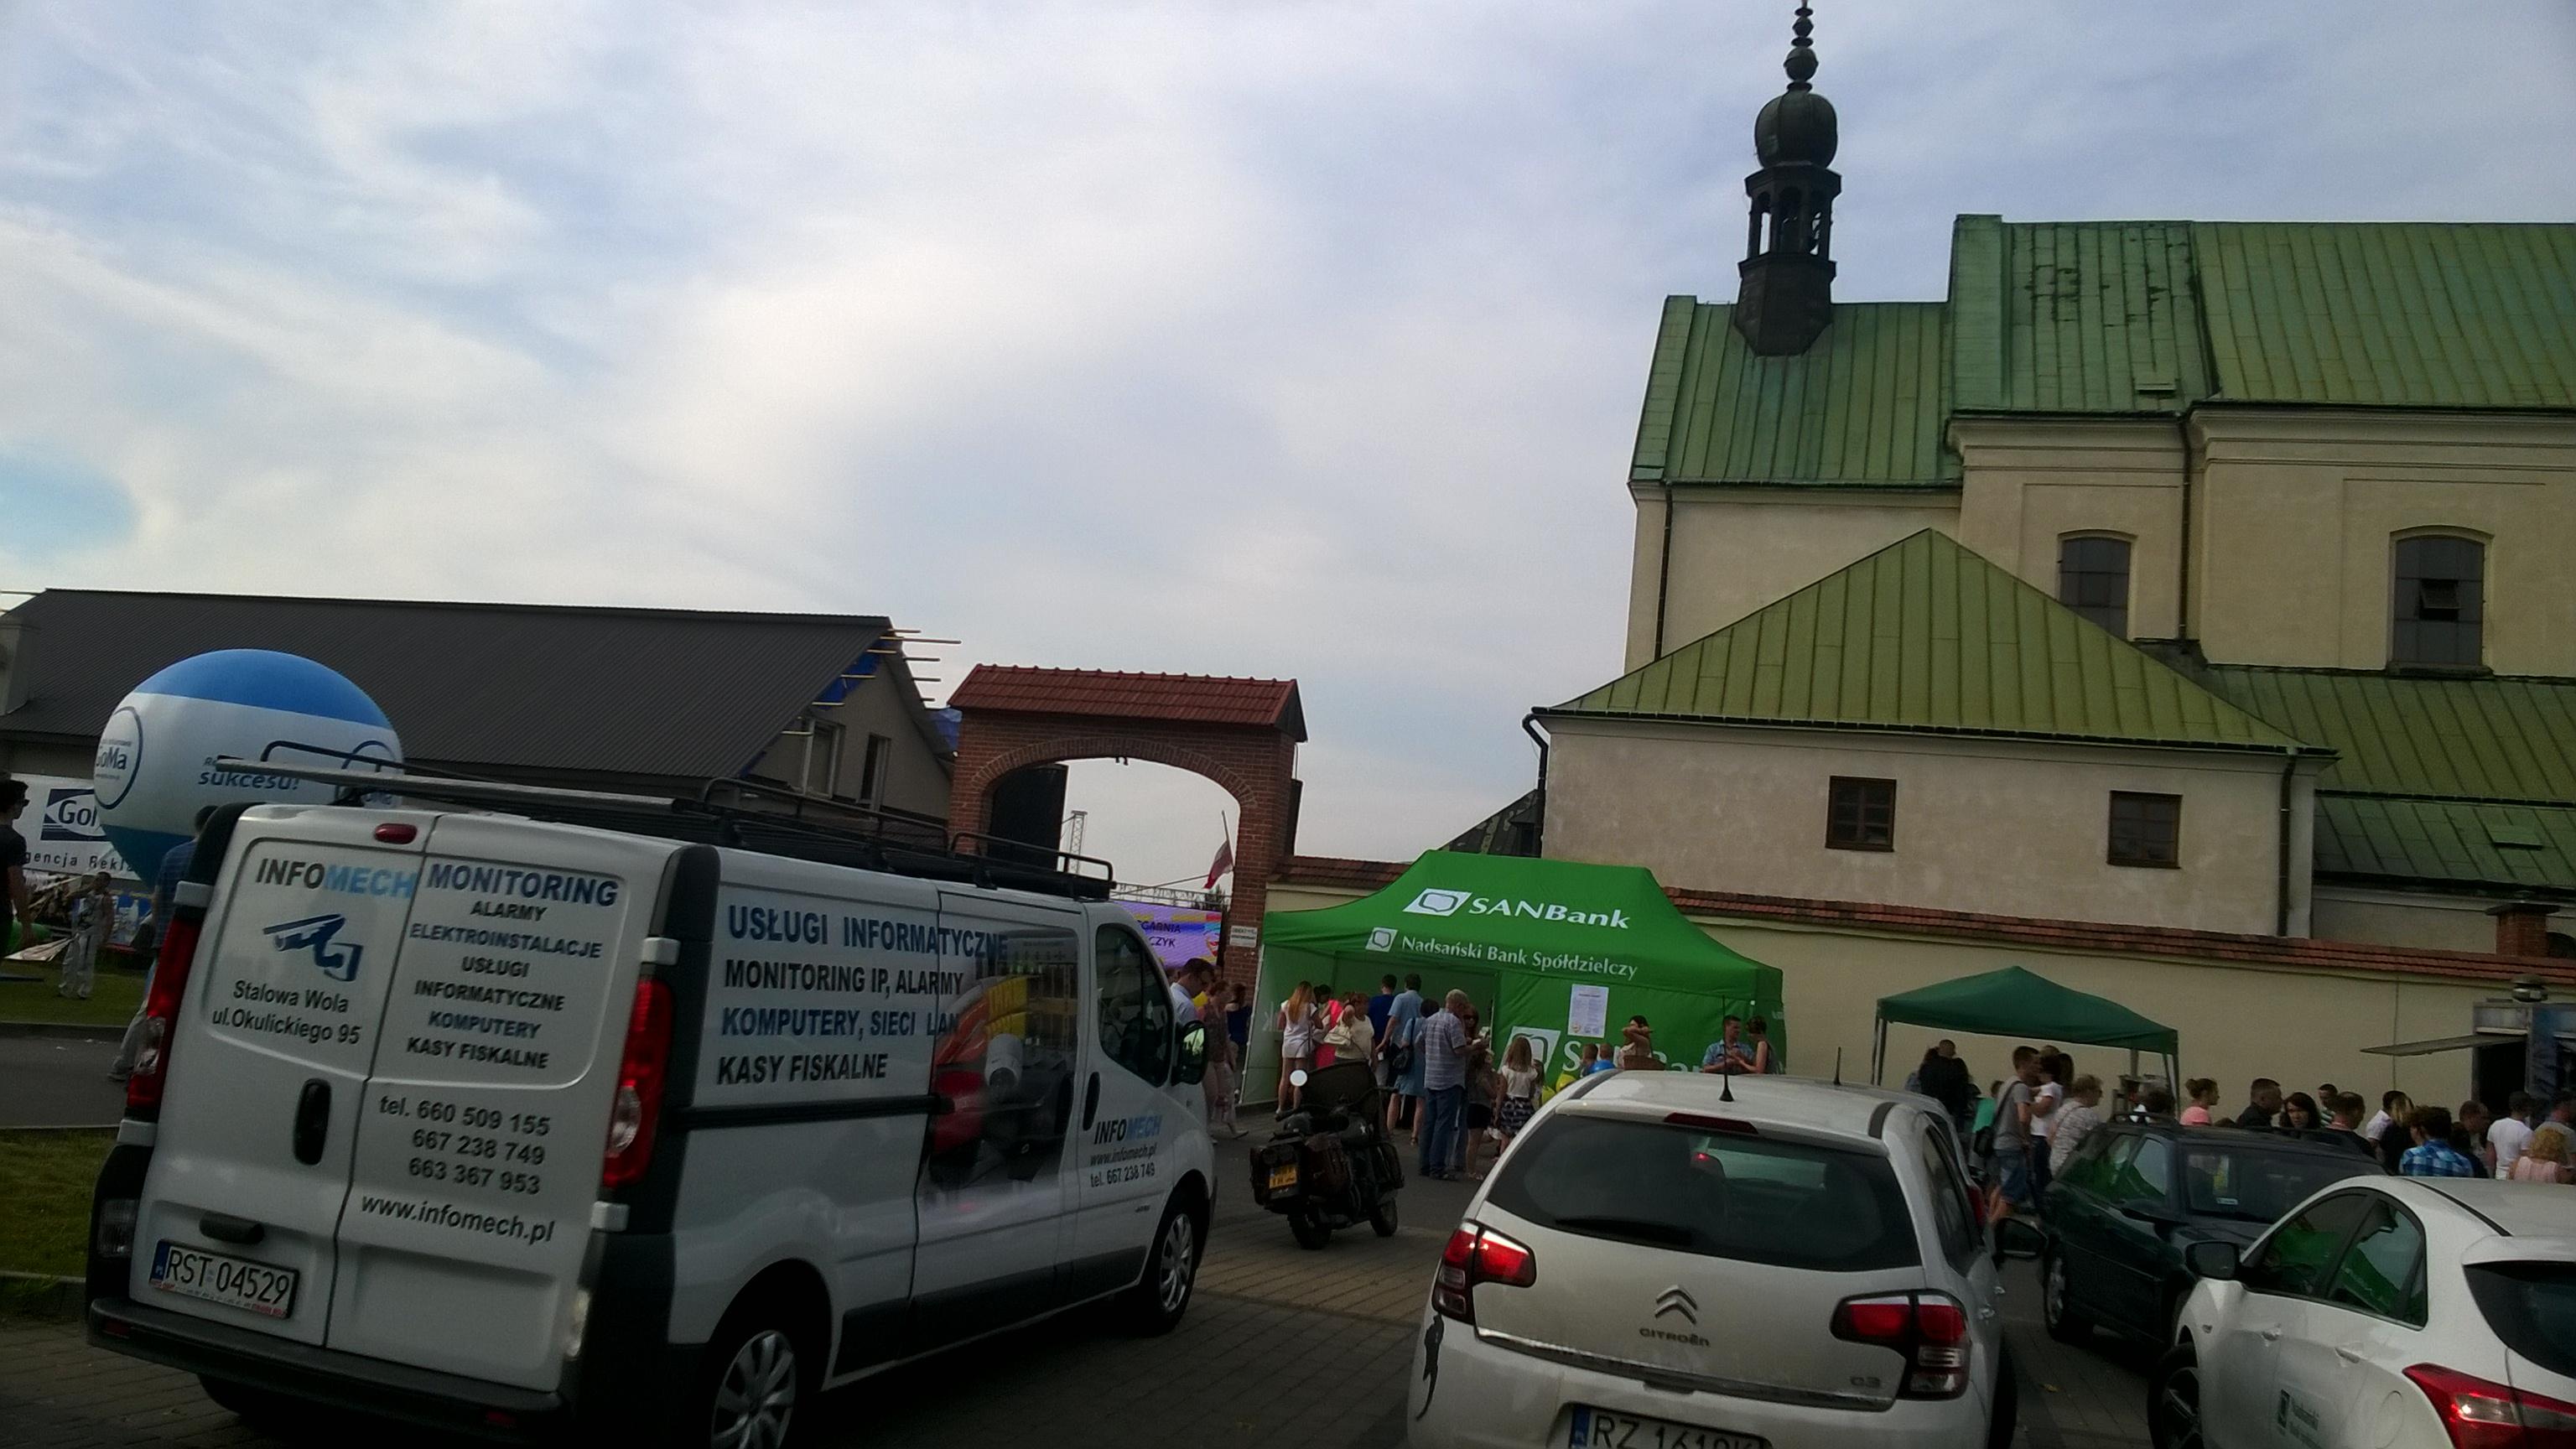 Stalowa Wola XVII Charytatywny Piknik Kapucyński przyciągnął tłumy INFOMECH wykonał monitoring CCTV IP